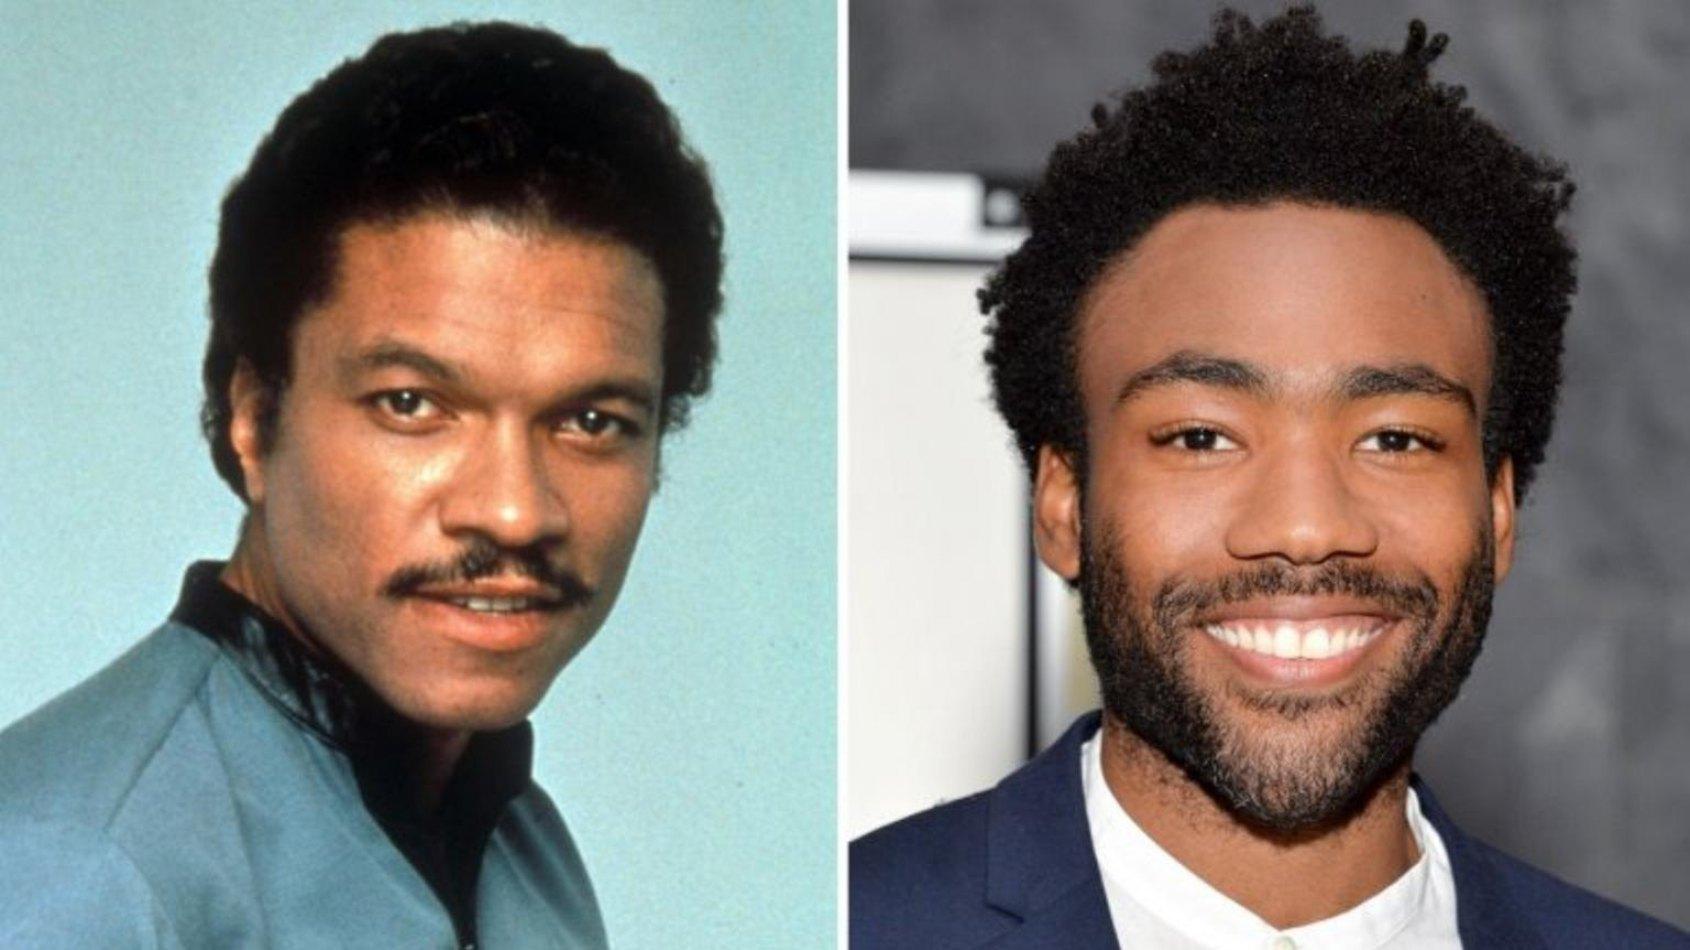 Donald Glover jouera Lando dans le spin-off sur Han Solo!